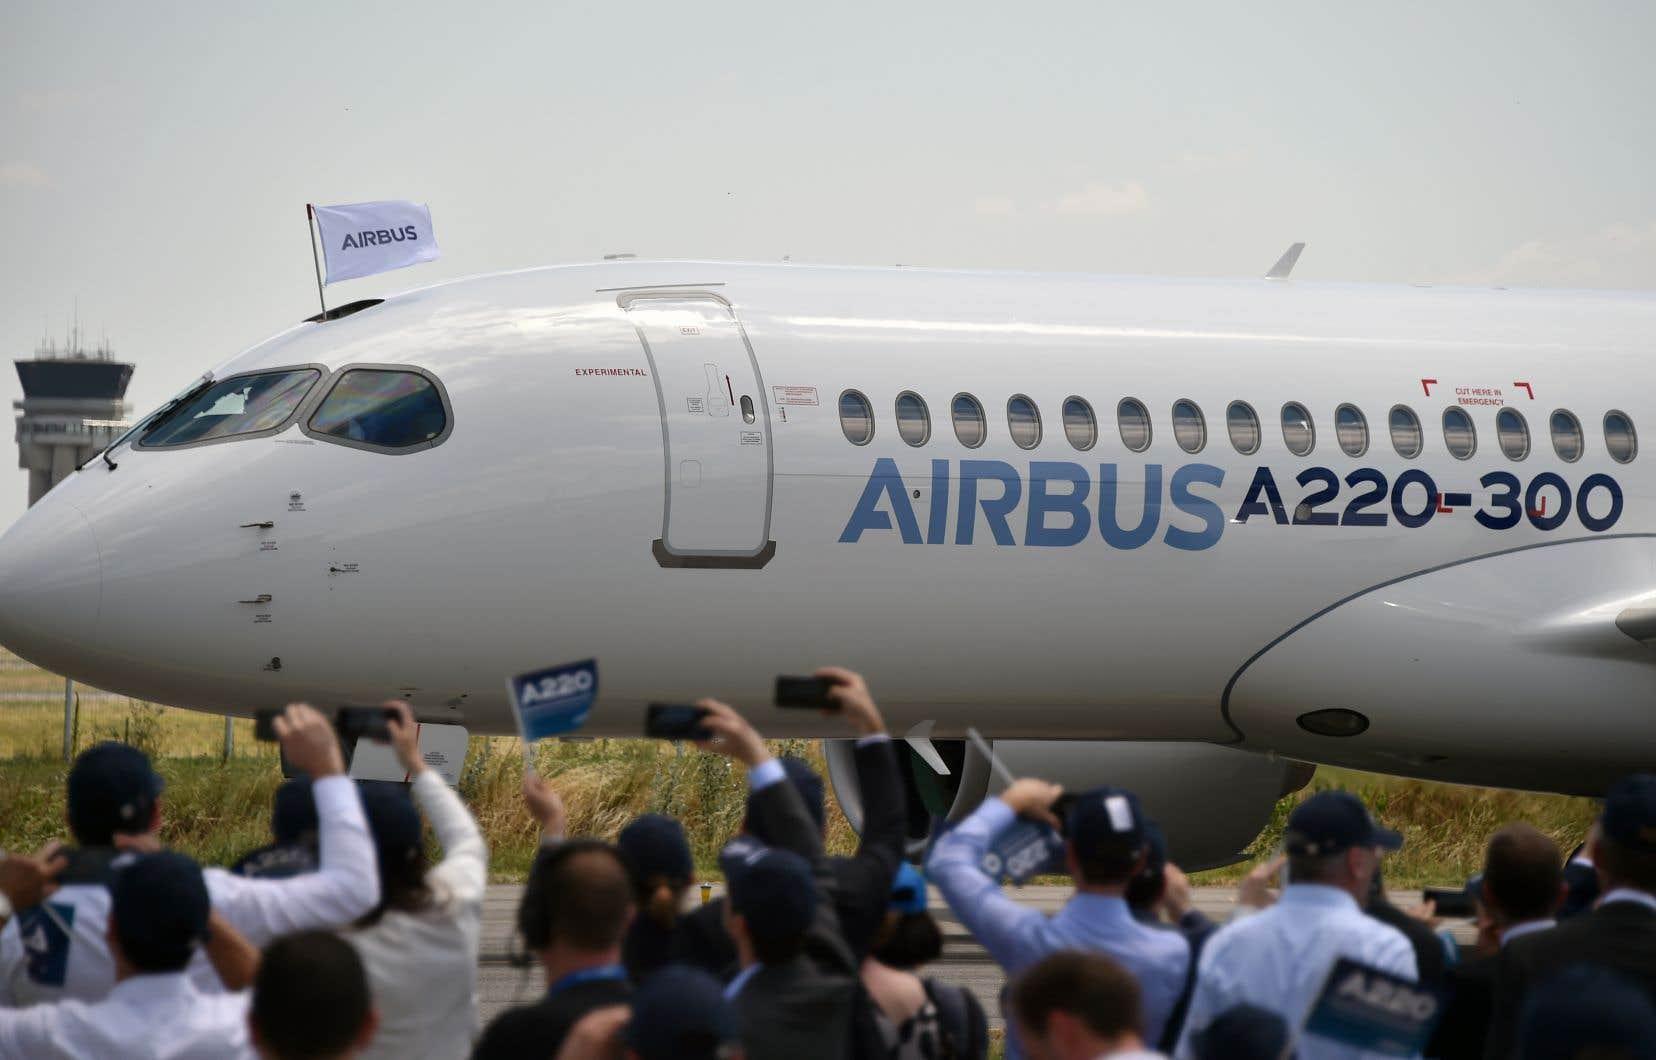 Au prix symbolique d'un dollar, Airbus a pu acquérir 50,01% du programme de l'avion commercial, qui a coûté 6milliards $US à développer.